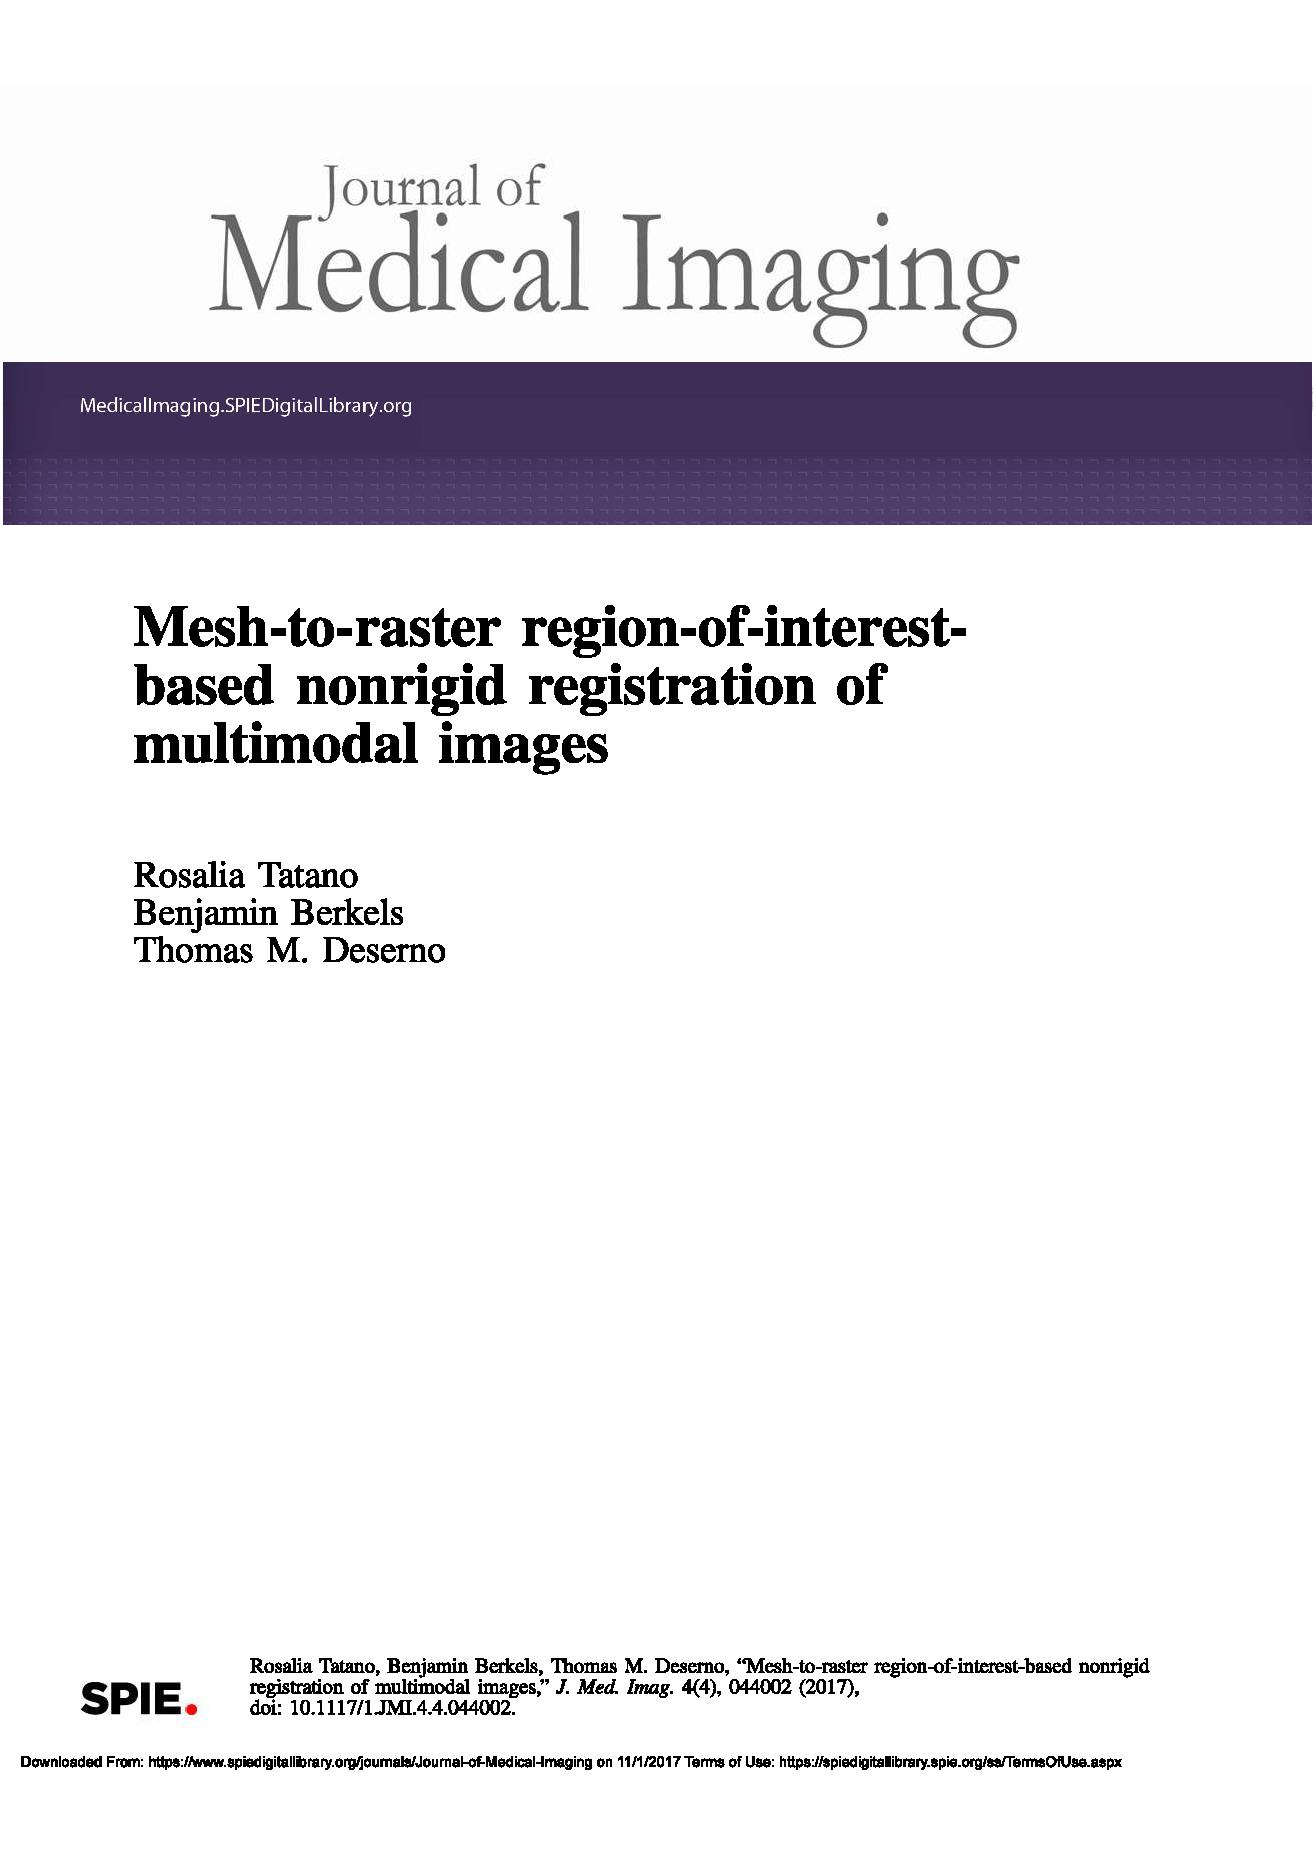 Mesh-to-raster region-of-interest-based nonrigid registration of multimodal images